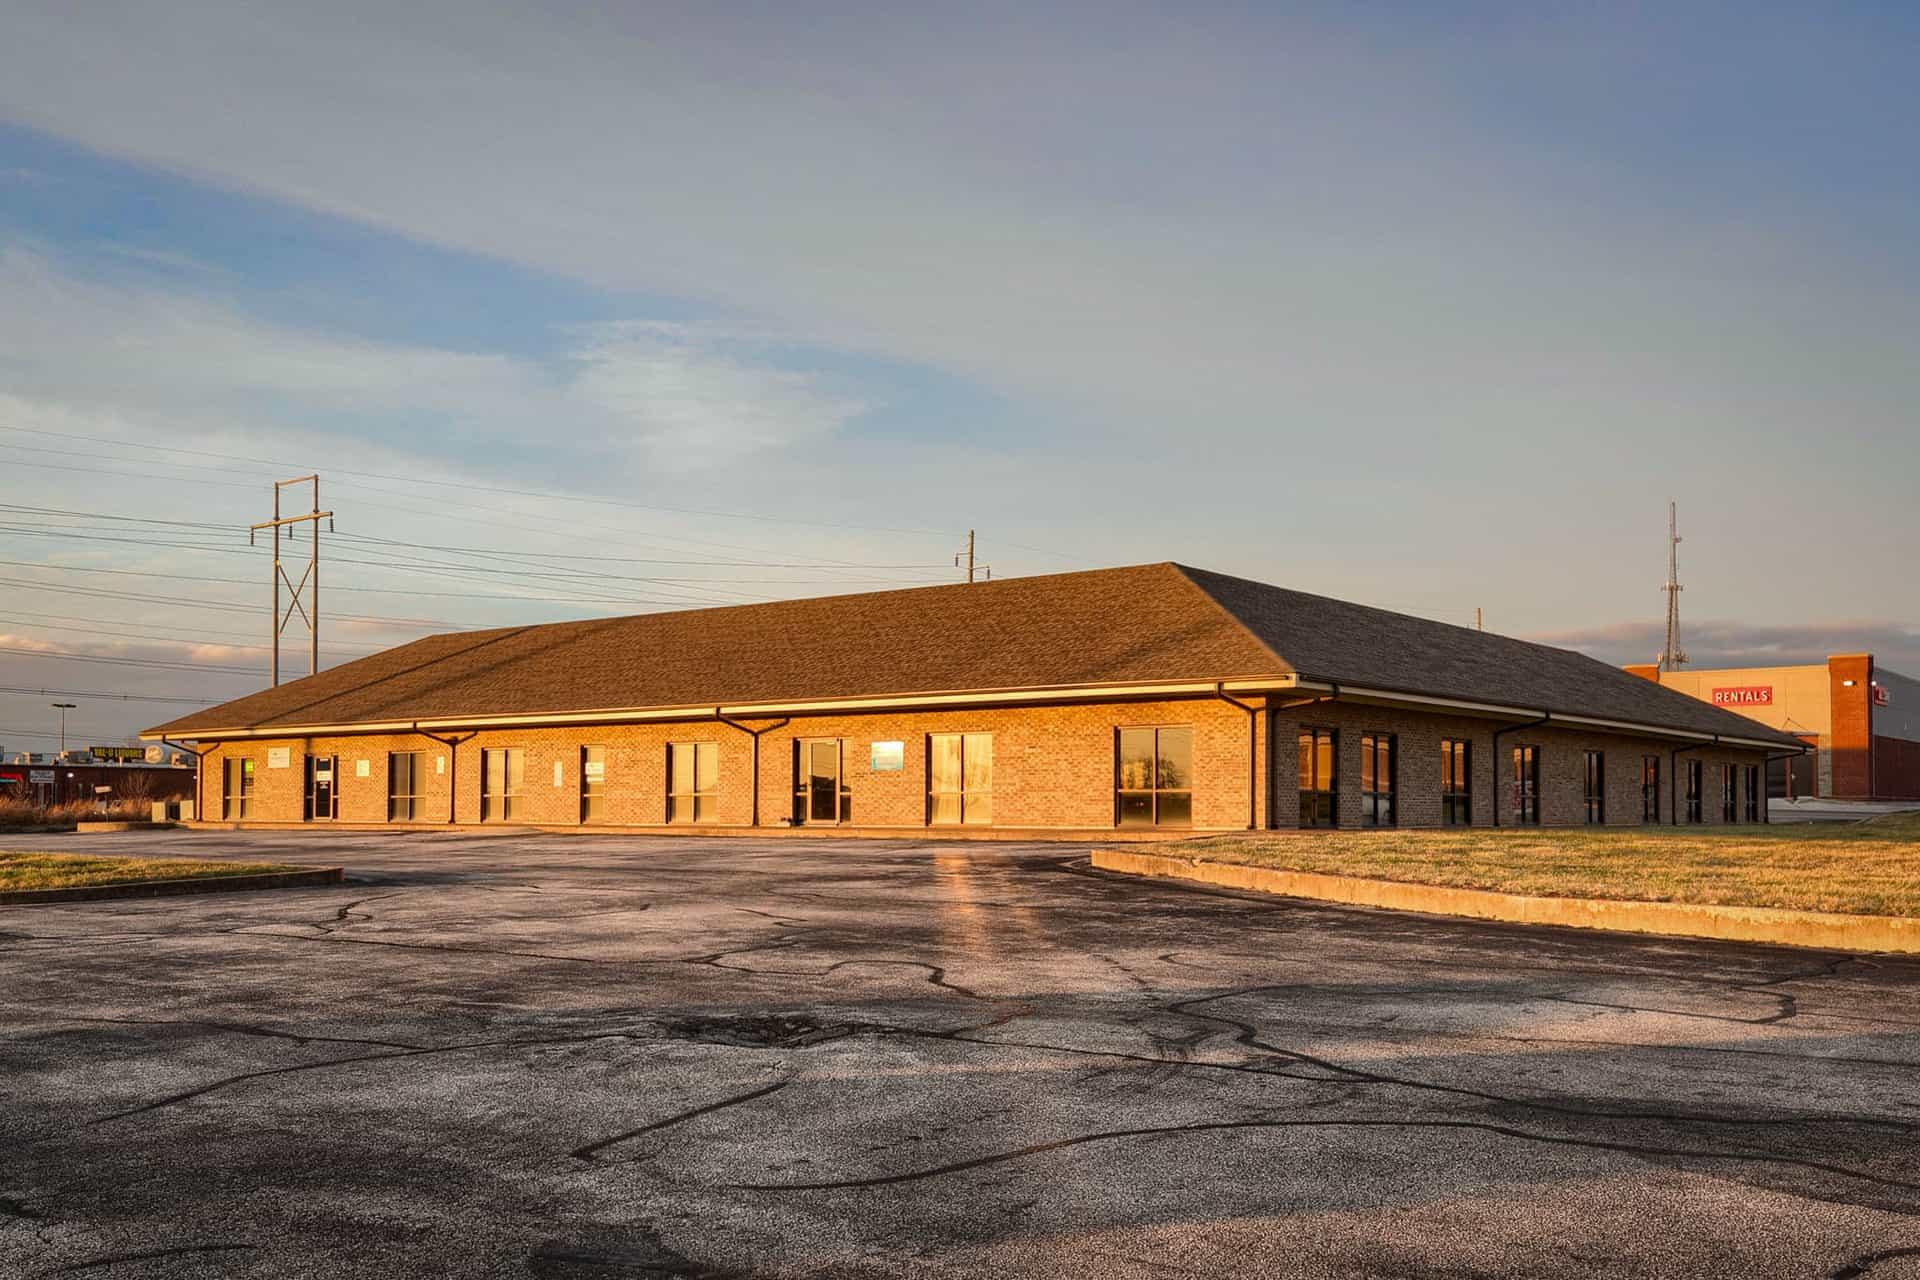 3032 Alvey Park Dr., West, Owensboro, KY 42303